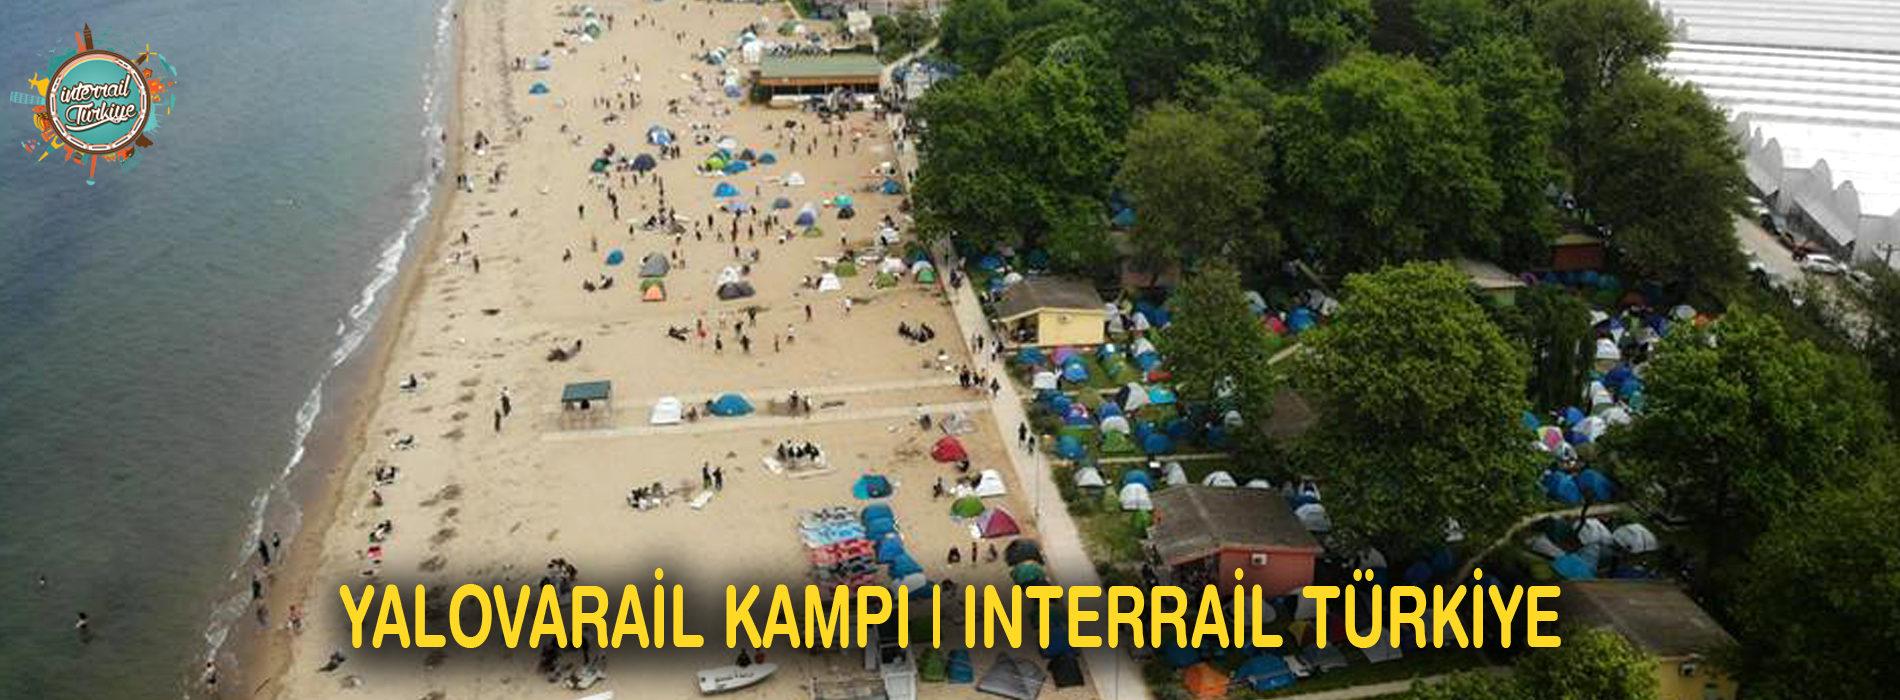 YalovaRail Kampı | Interrail Turkiye